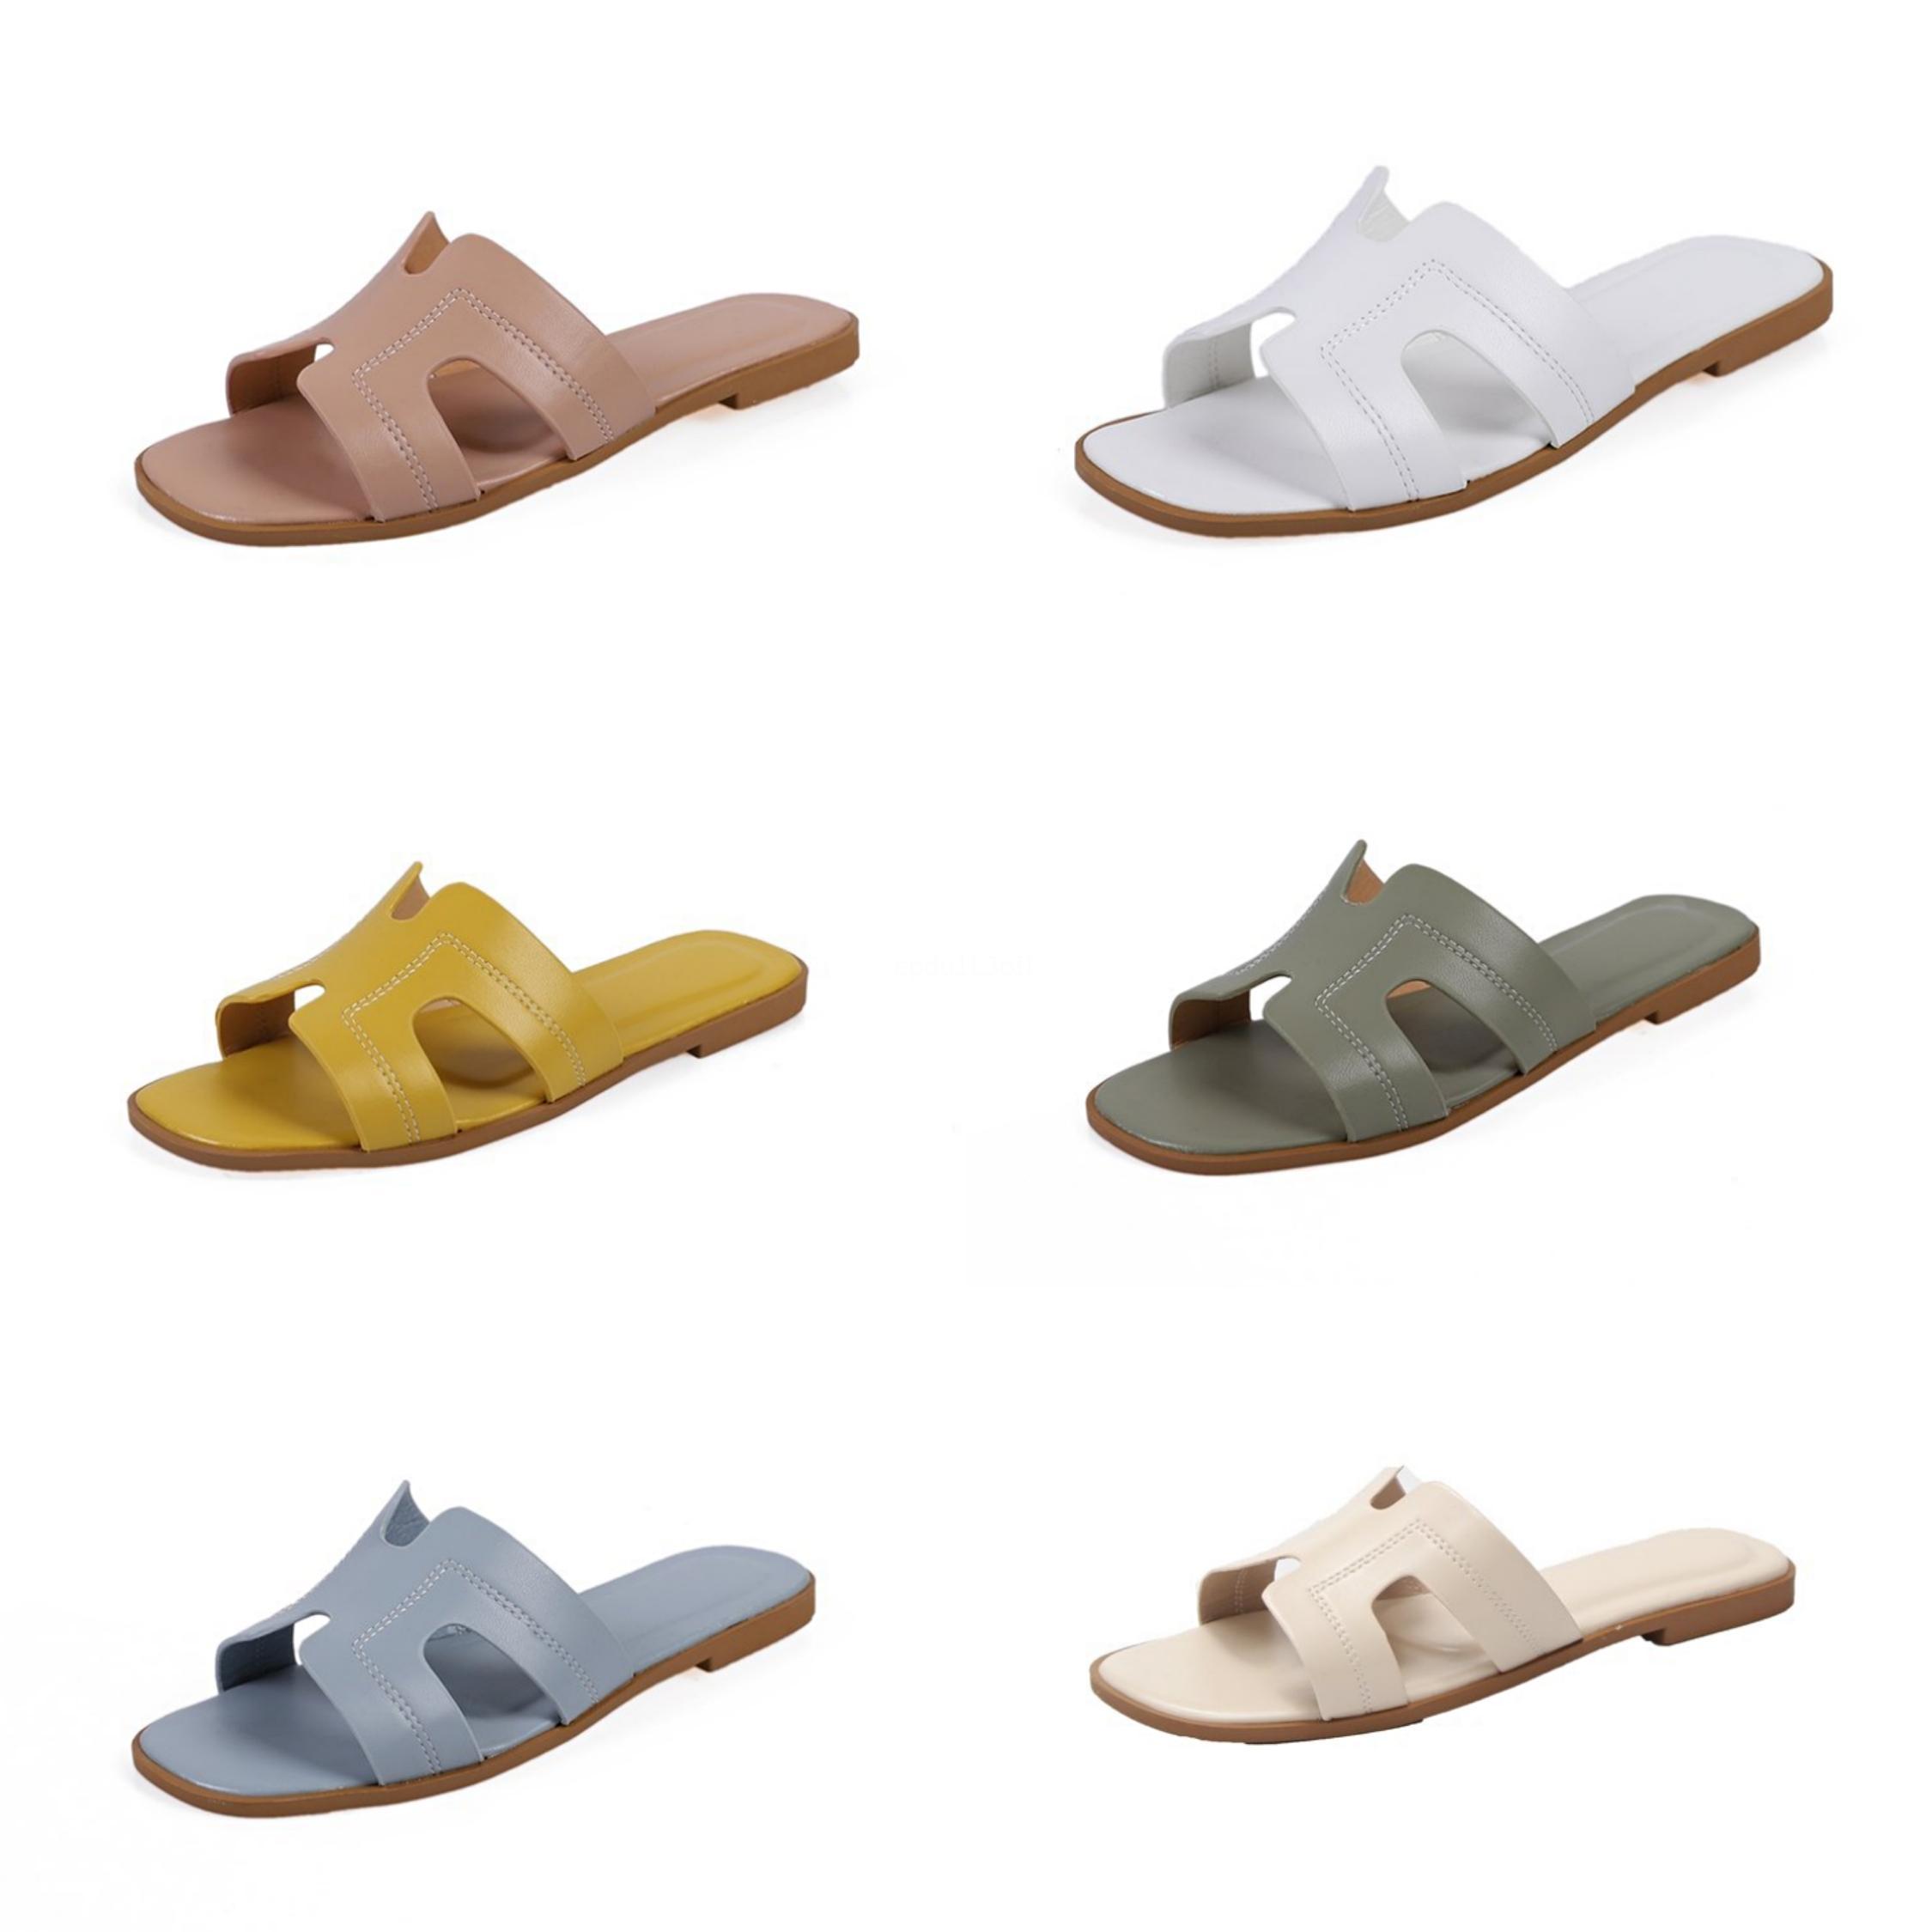 2020 Verão H Shoes Meninos Sandalias Hot Sale Casual Baby Girl Fashion Shoes menina bonito da criança Chinelos H Praia # 568